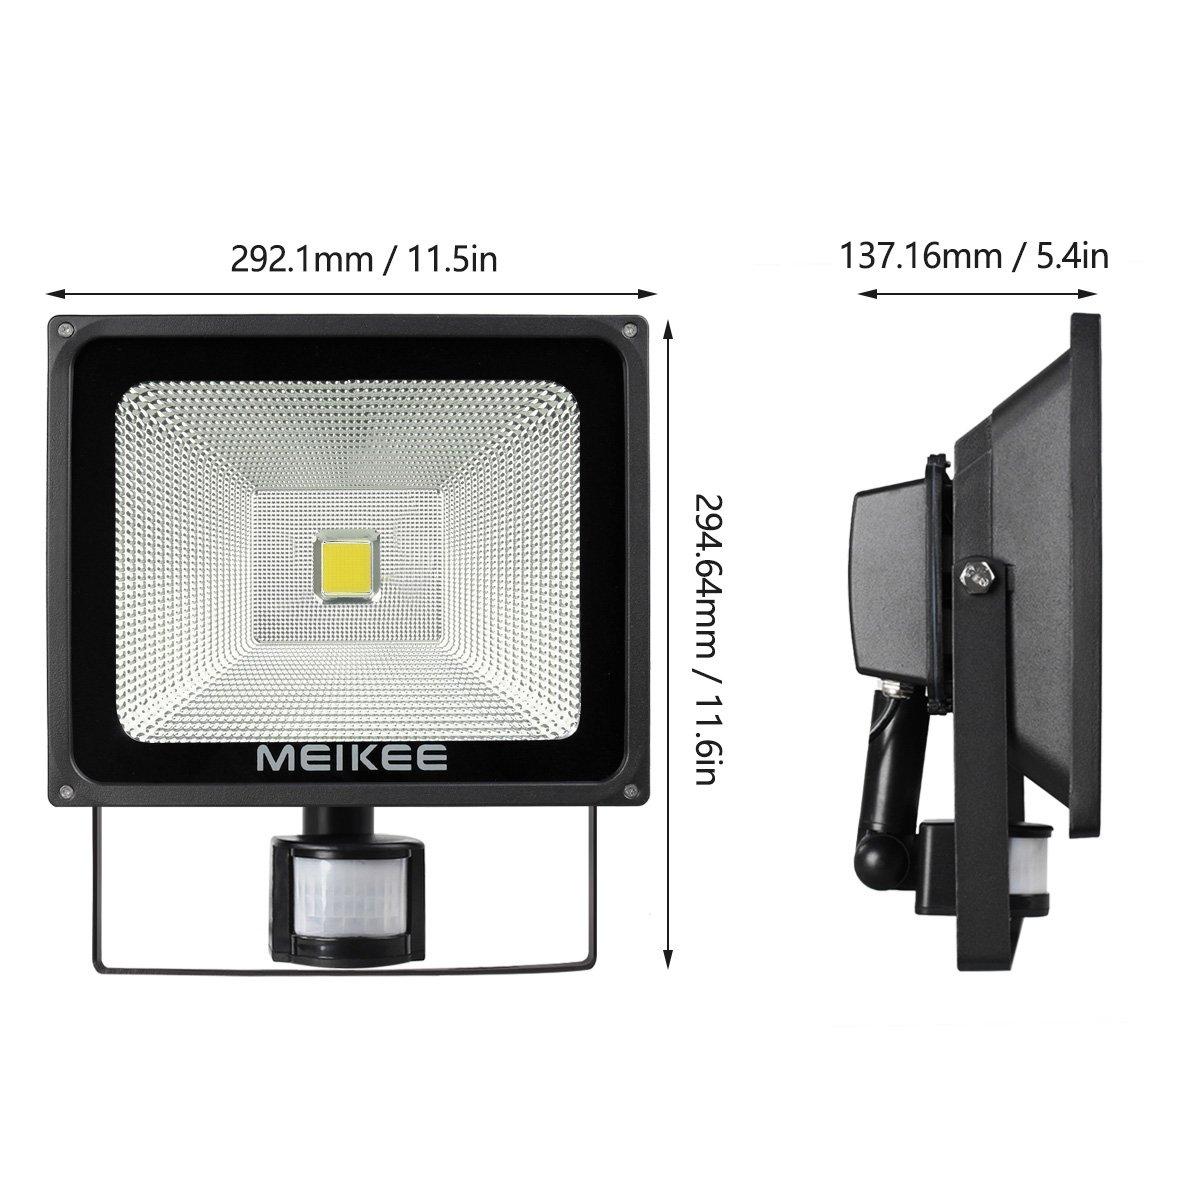 MEIKEE 50w Foco LED con Sensor Movimiento de 5000LM, Proyector LED exterior 6000k con detector PIR de IP66 (resistente al agua), Iluminación de Exterior y ...